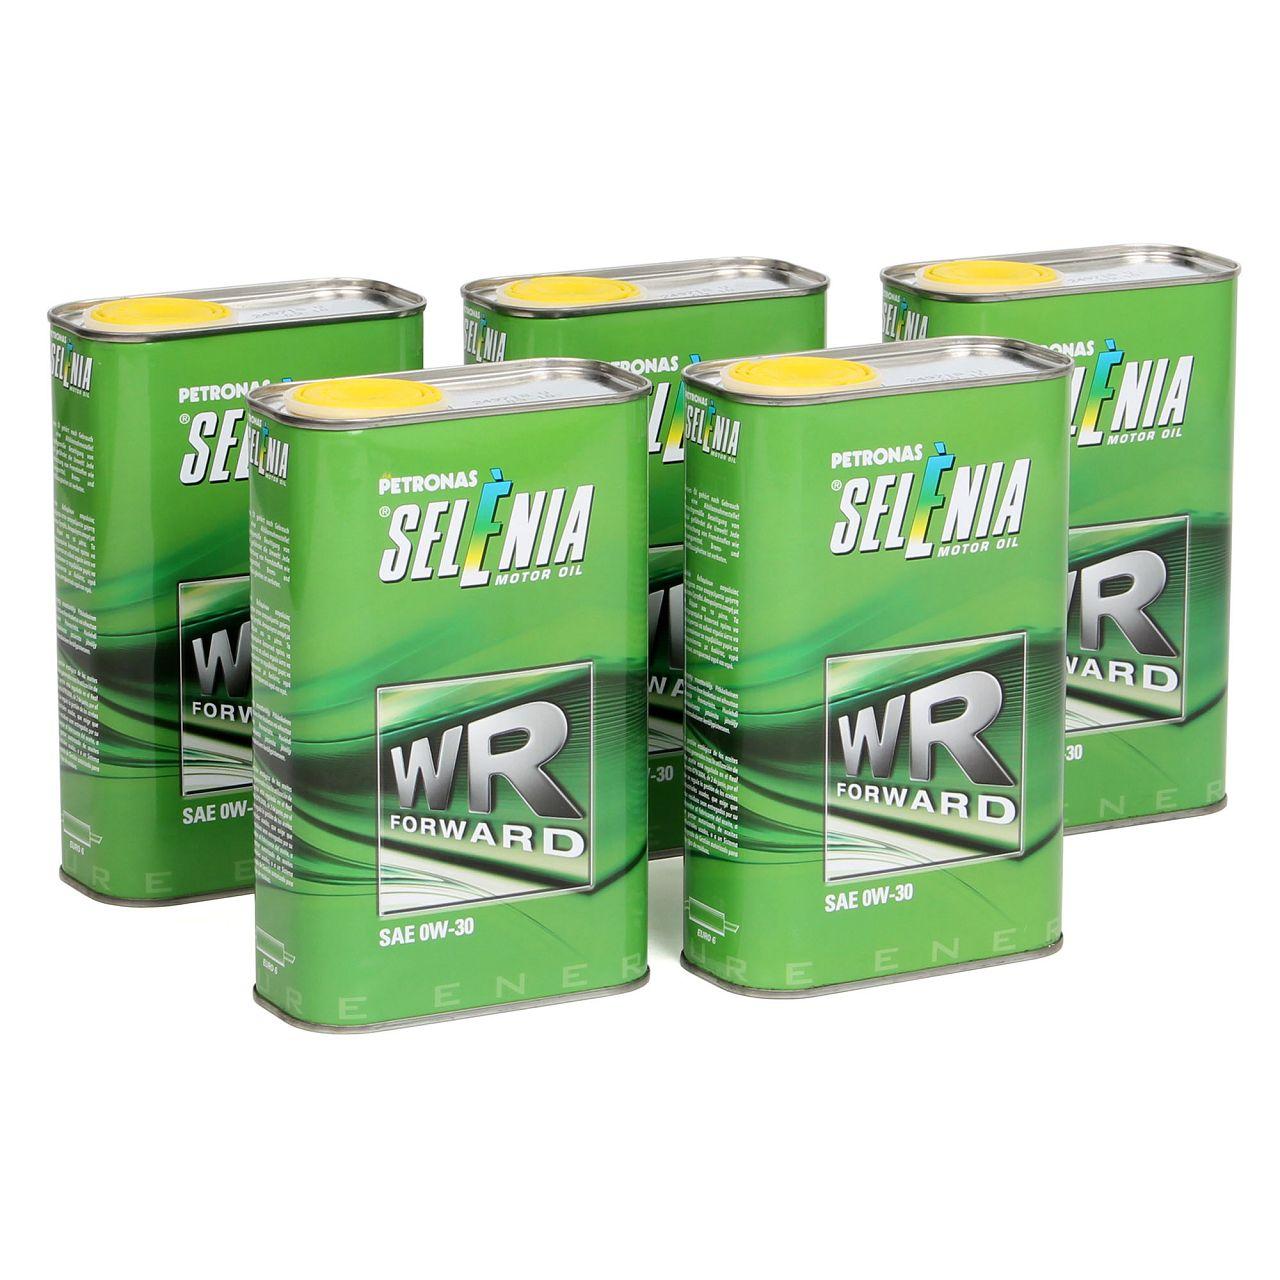 PETRONAS SELENIA Motoröl Öl WR FORWARD 0W30 0W-30 Fiat 9.55535-DS1 - 5L 5 Liter